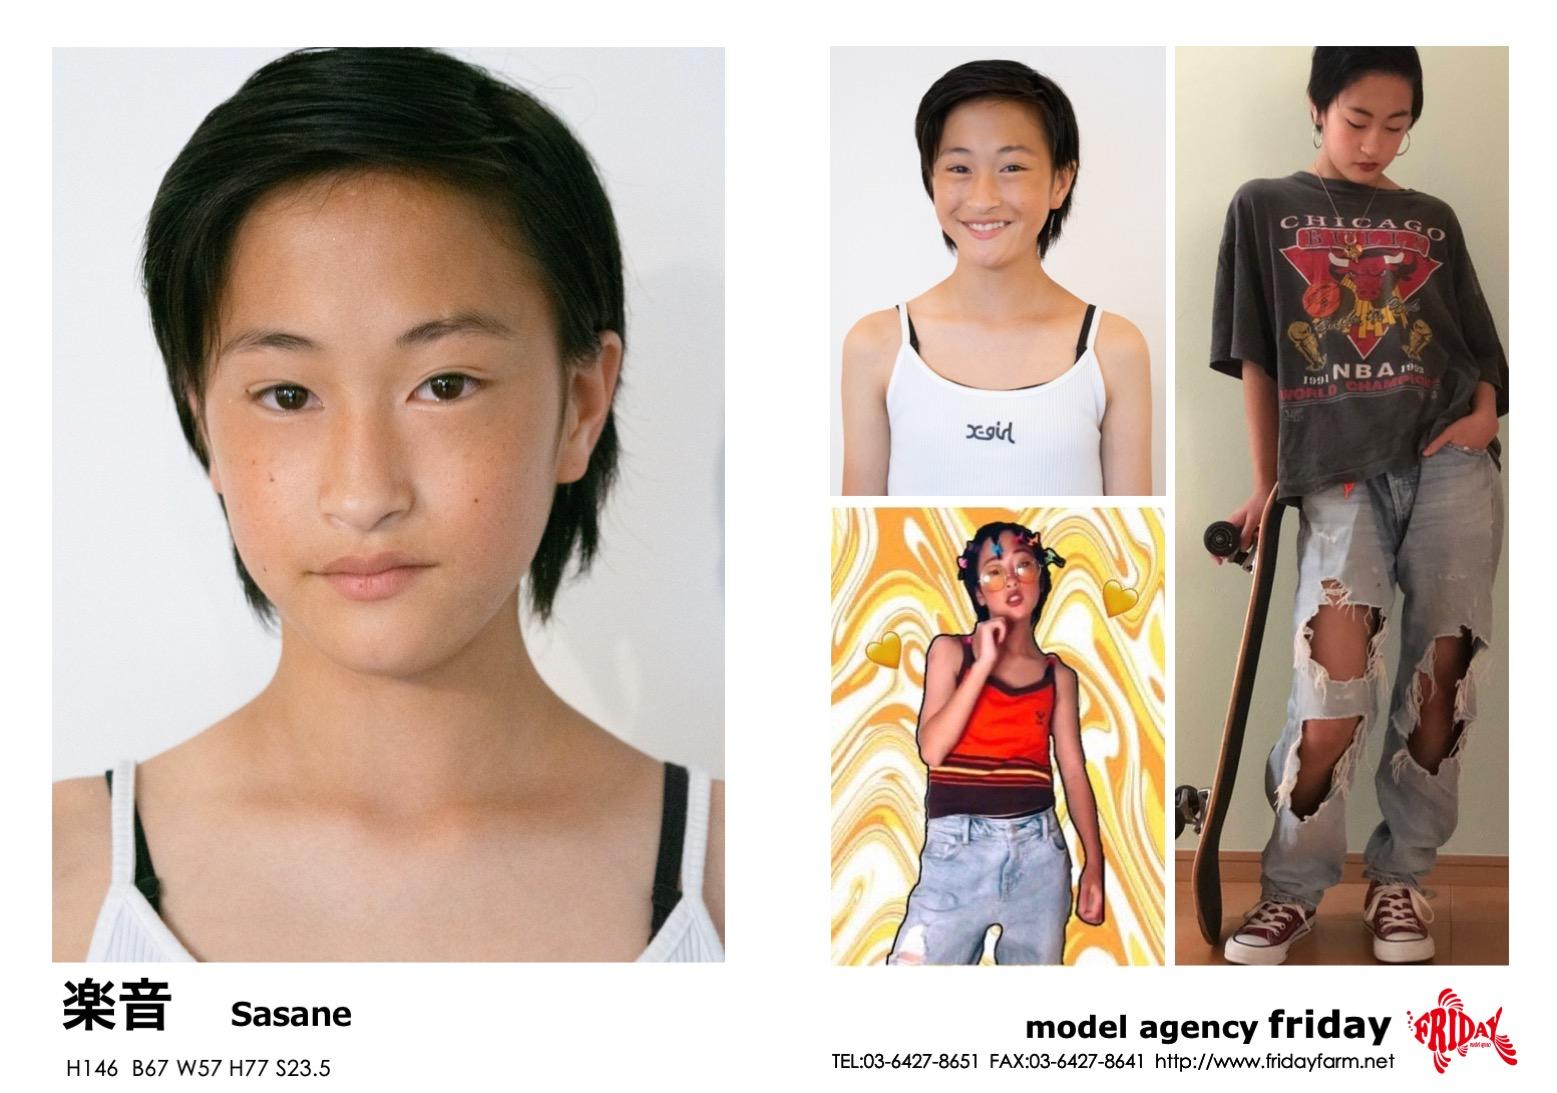 楽音 - Sasane   model agency friday